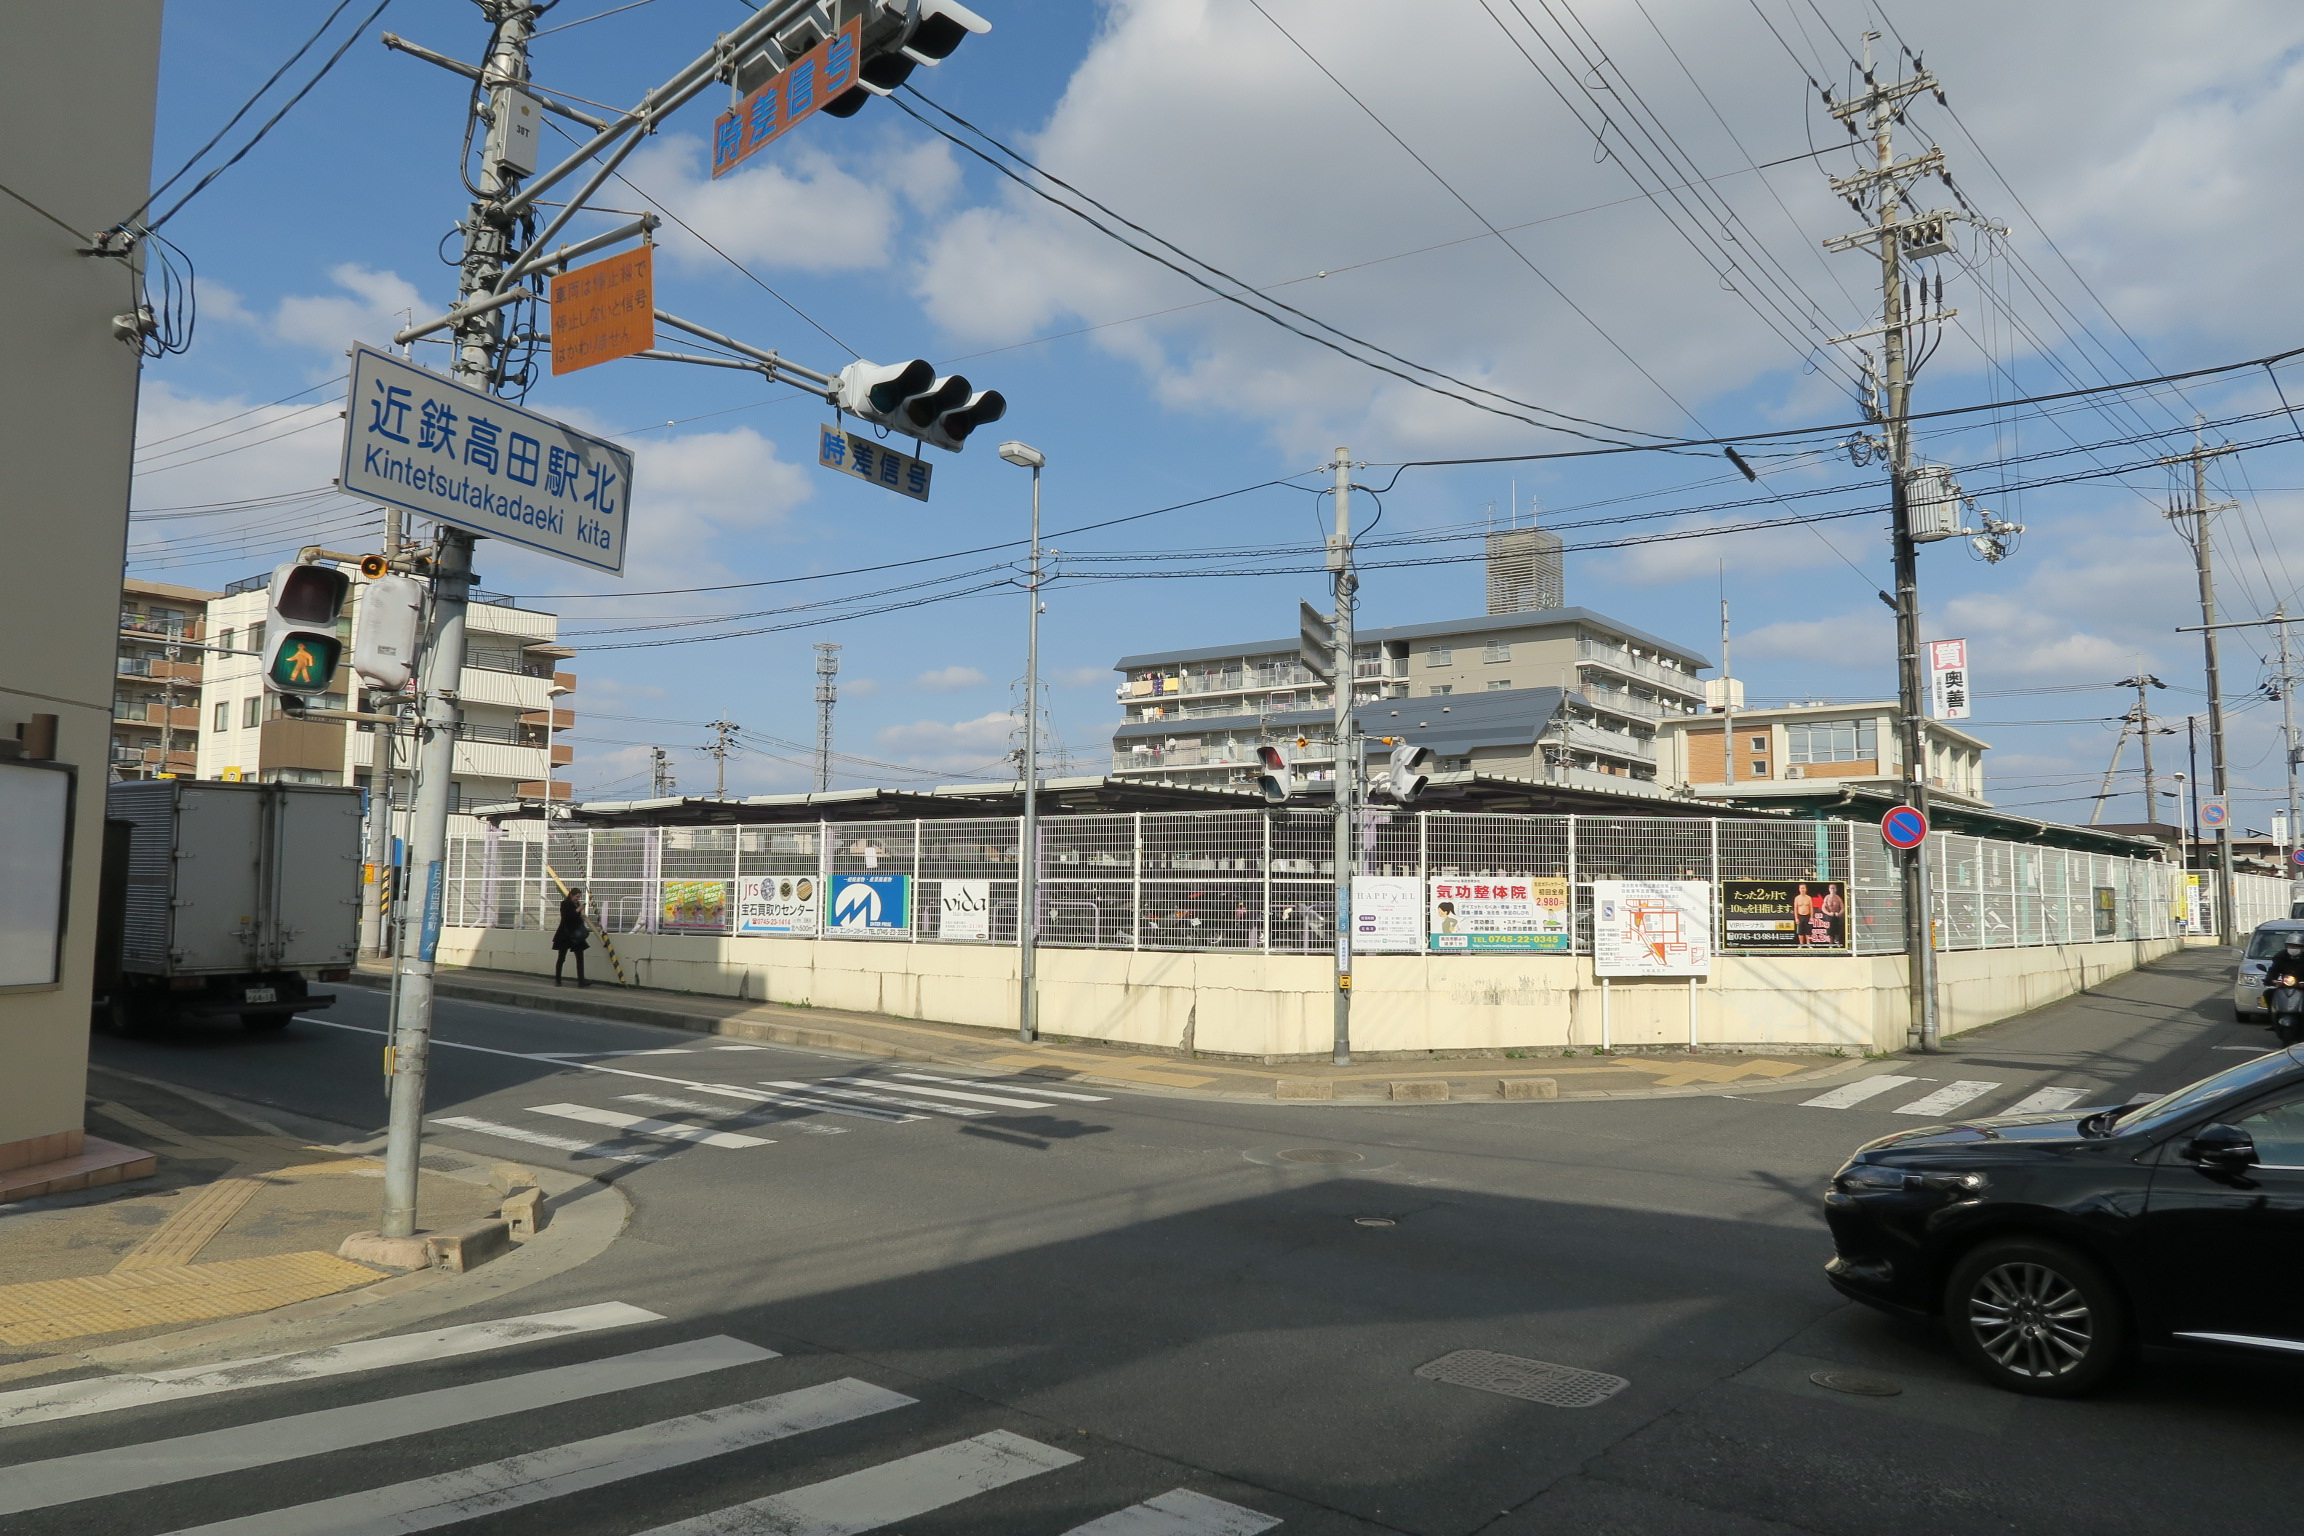 近鉄高田駅北の交差点。向かいは大きな駐輪場。左手方向に歩いていきます。